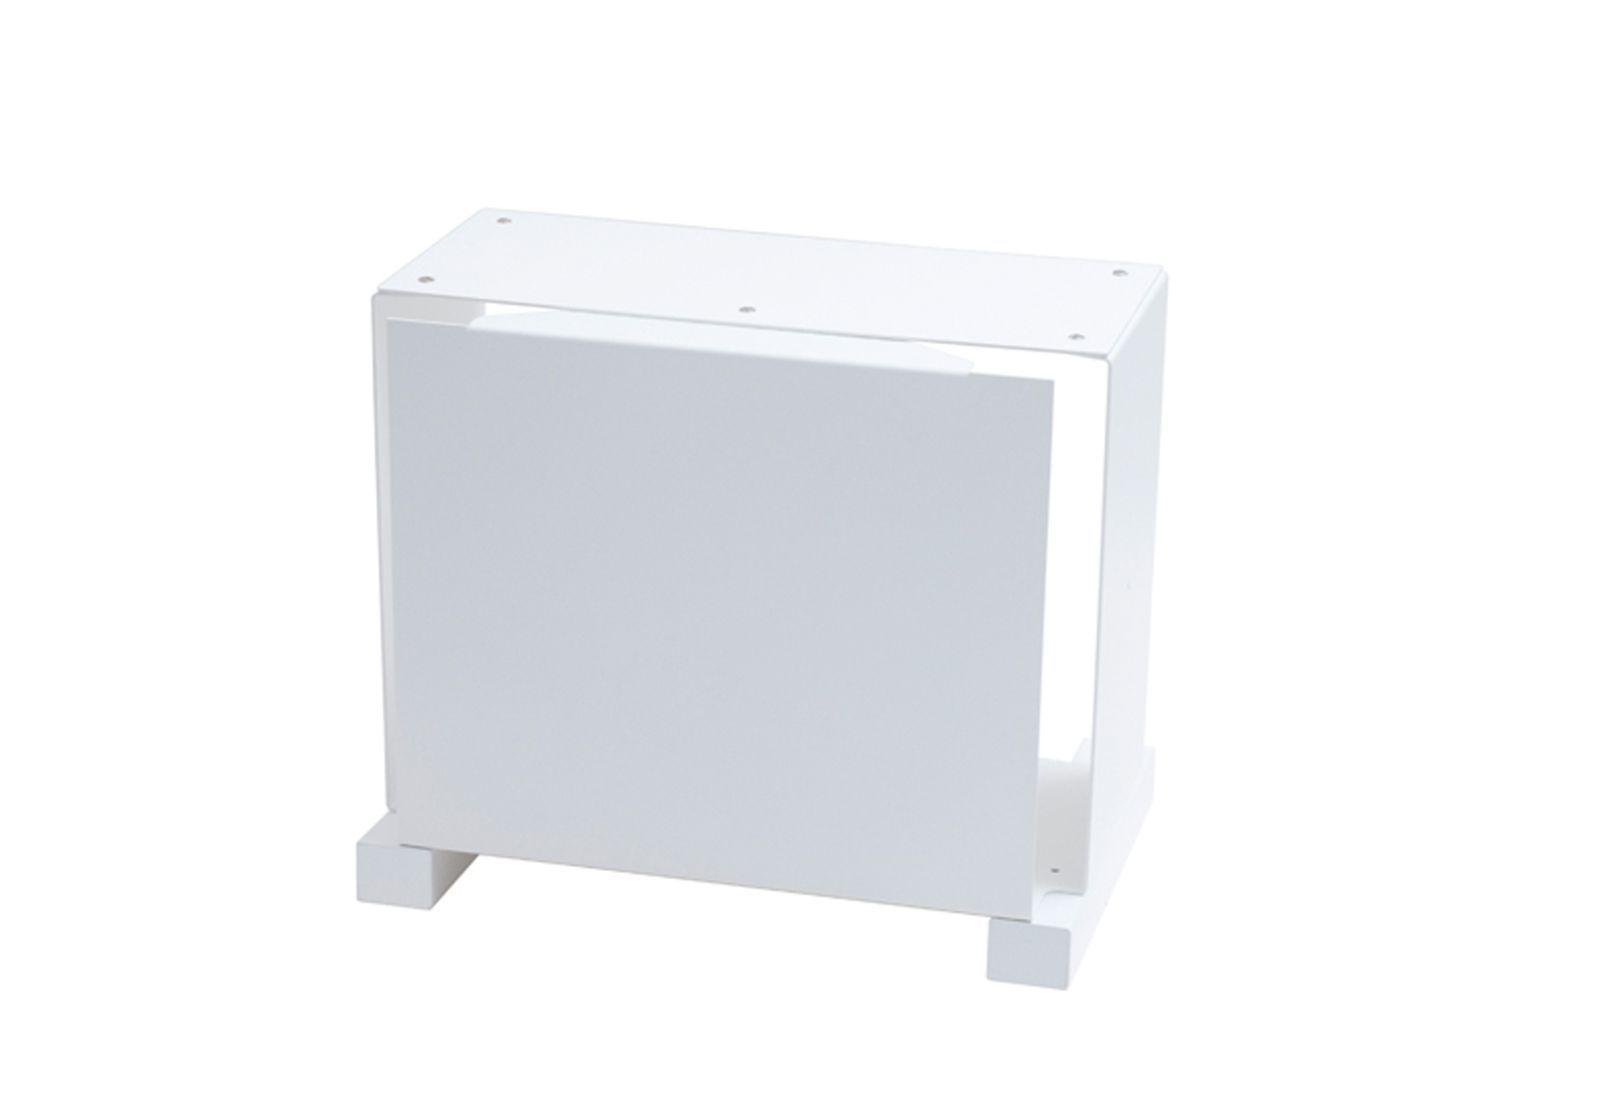 meuble de rangement 2vb - petit meuble design - teebooks - Petit Meuble Design Rangement